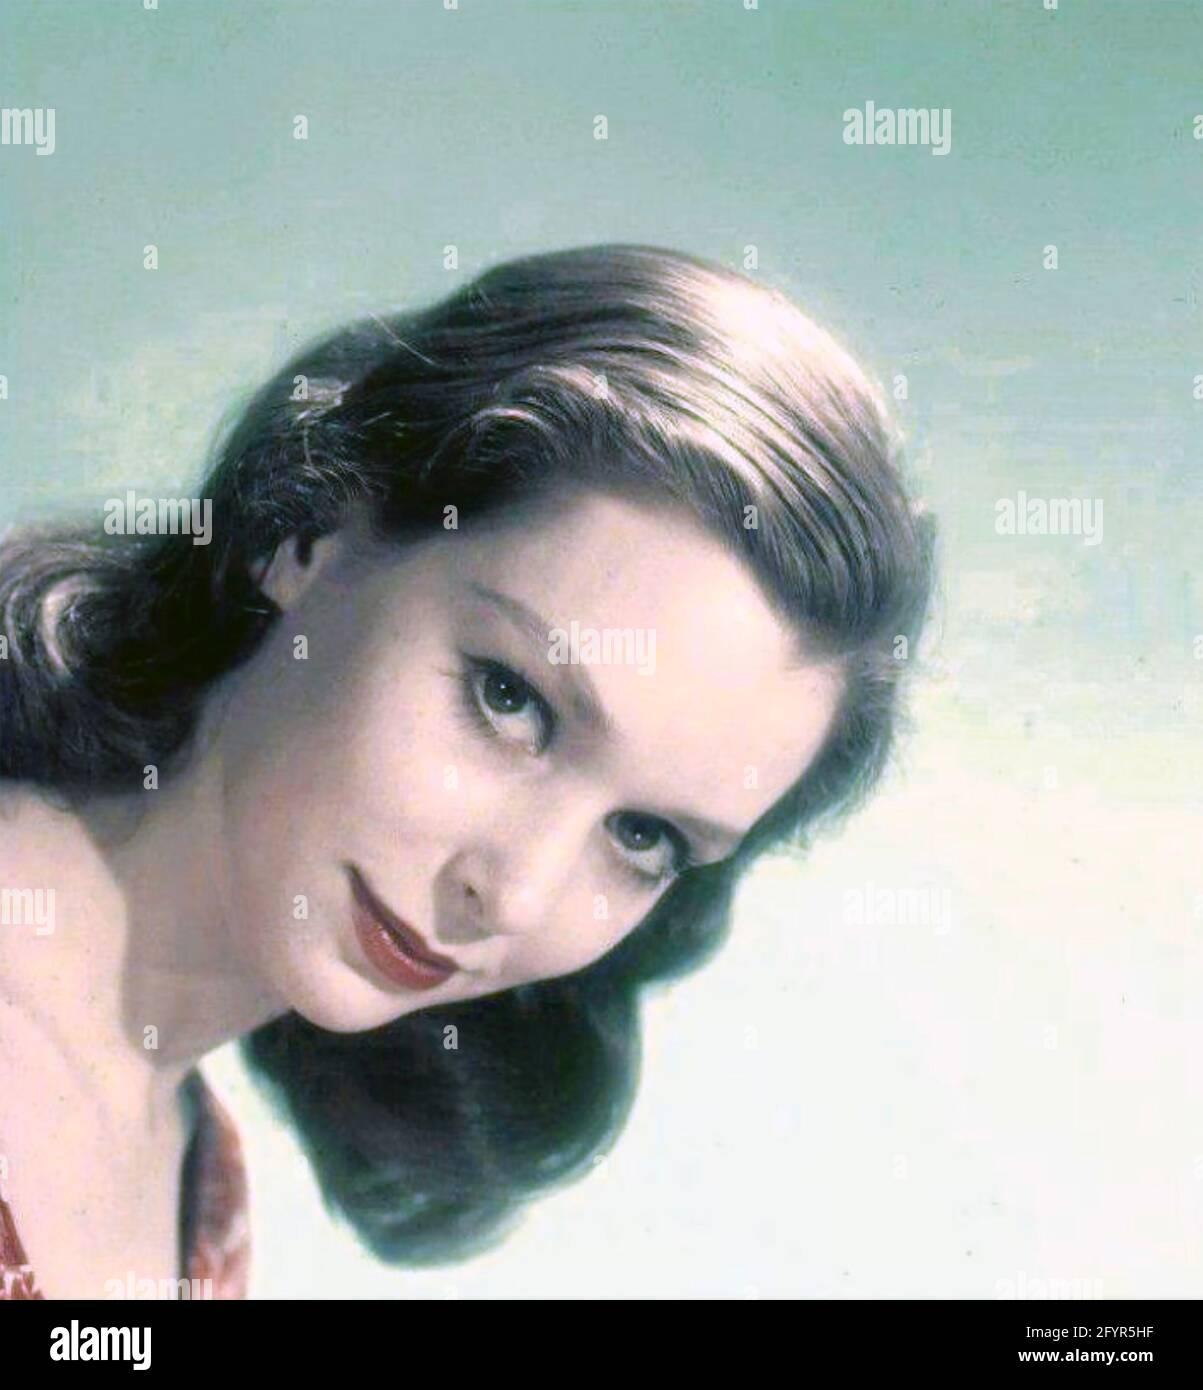 SUSAN STRASBERG (19348-1999) actrice américaine de scène et de film vers 1965 Banque D'Images